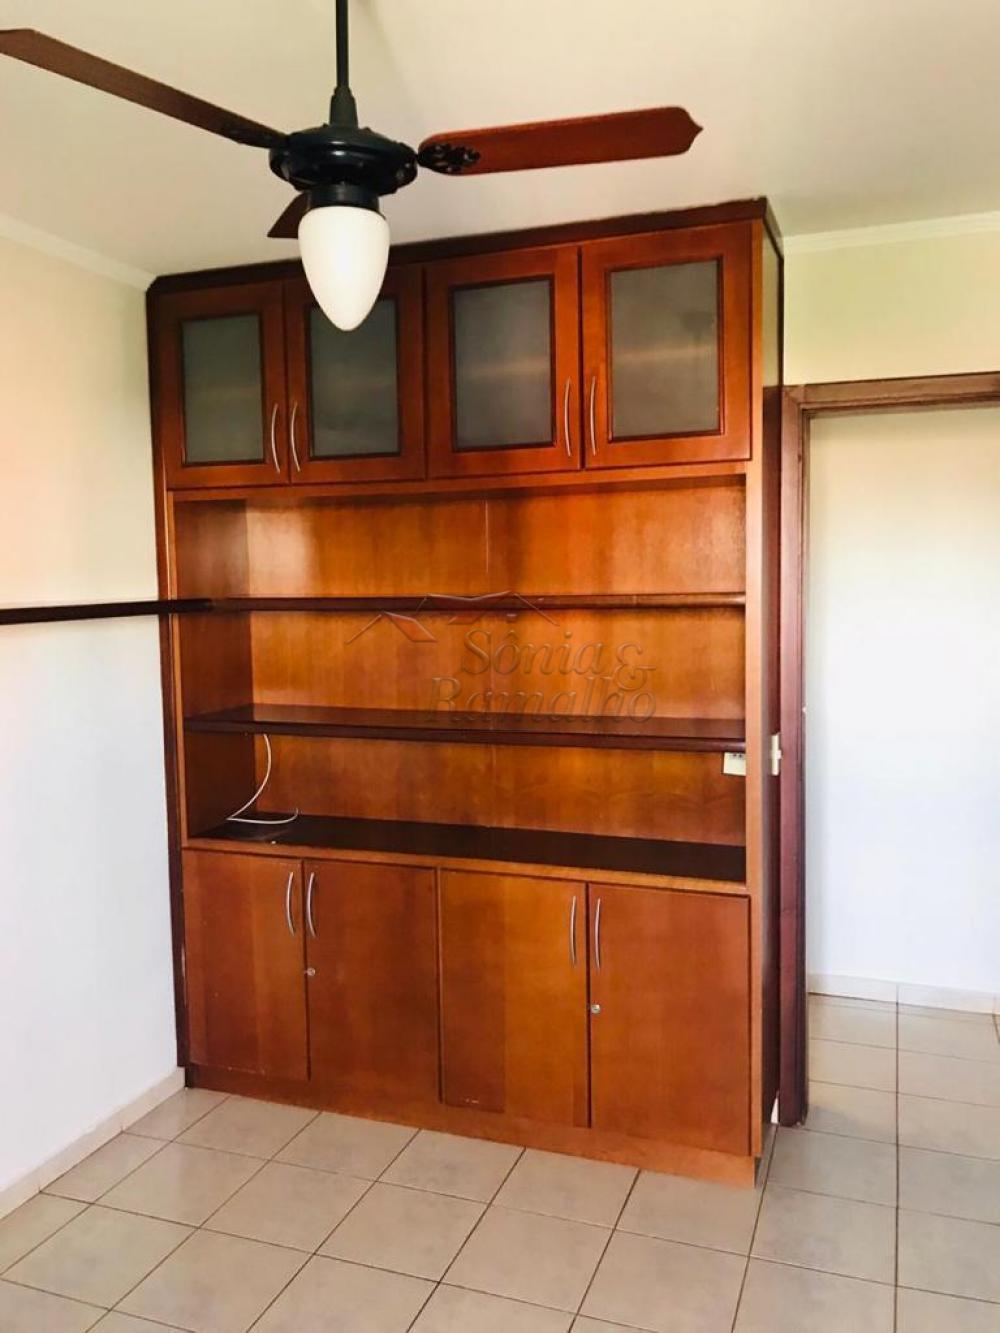 Comprar Apartamentos / Padrão em Ribeirão Preto R$ 460.000,00 - Foto 26